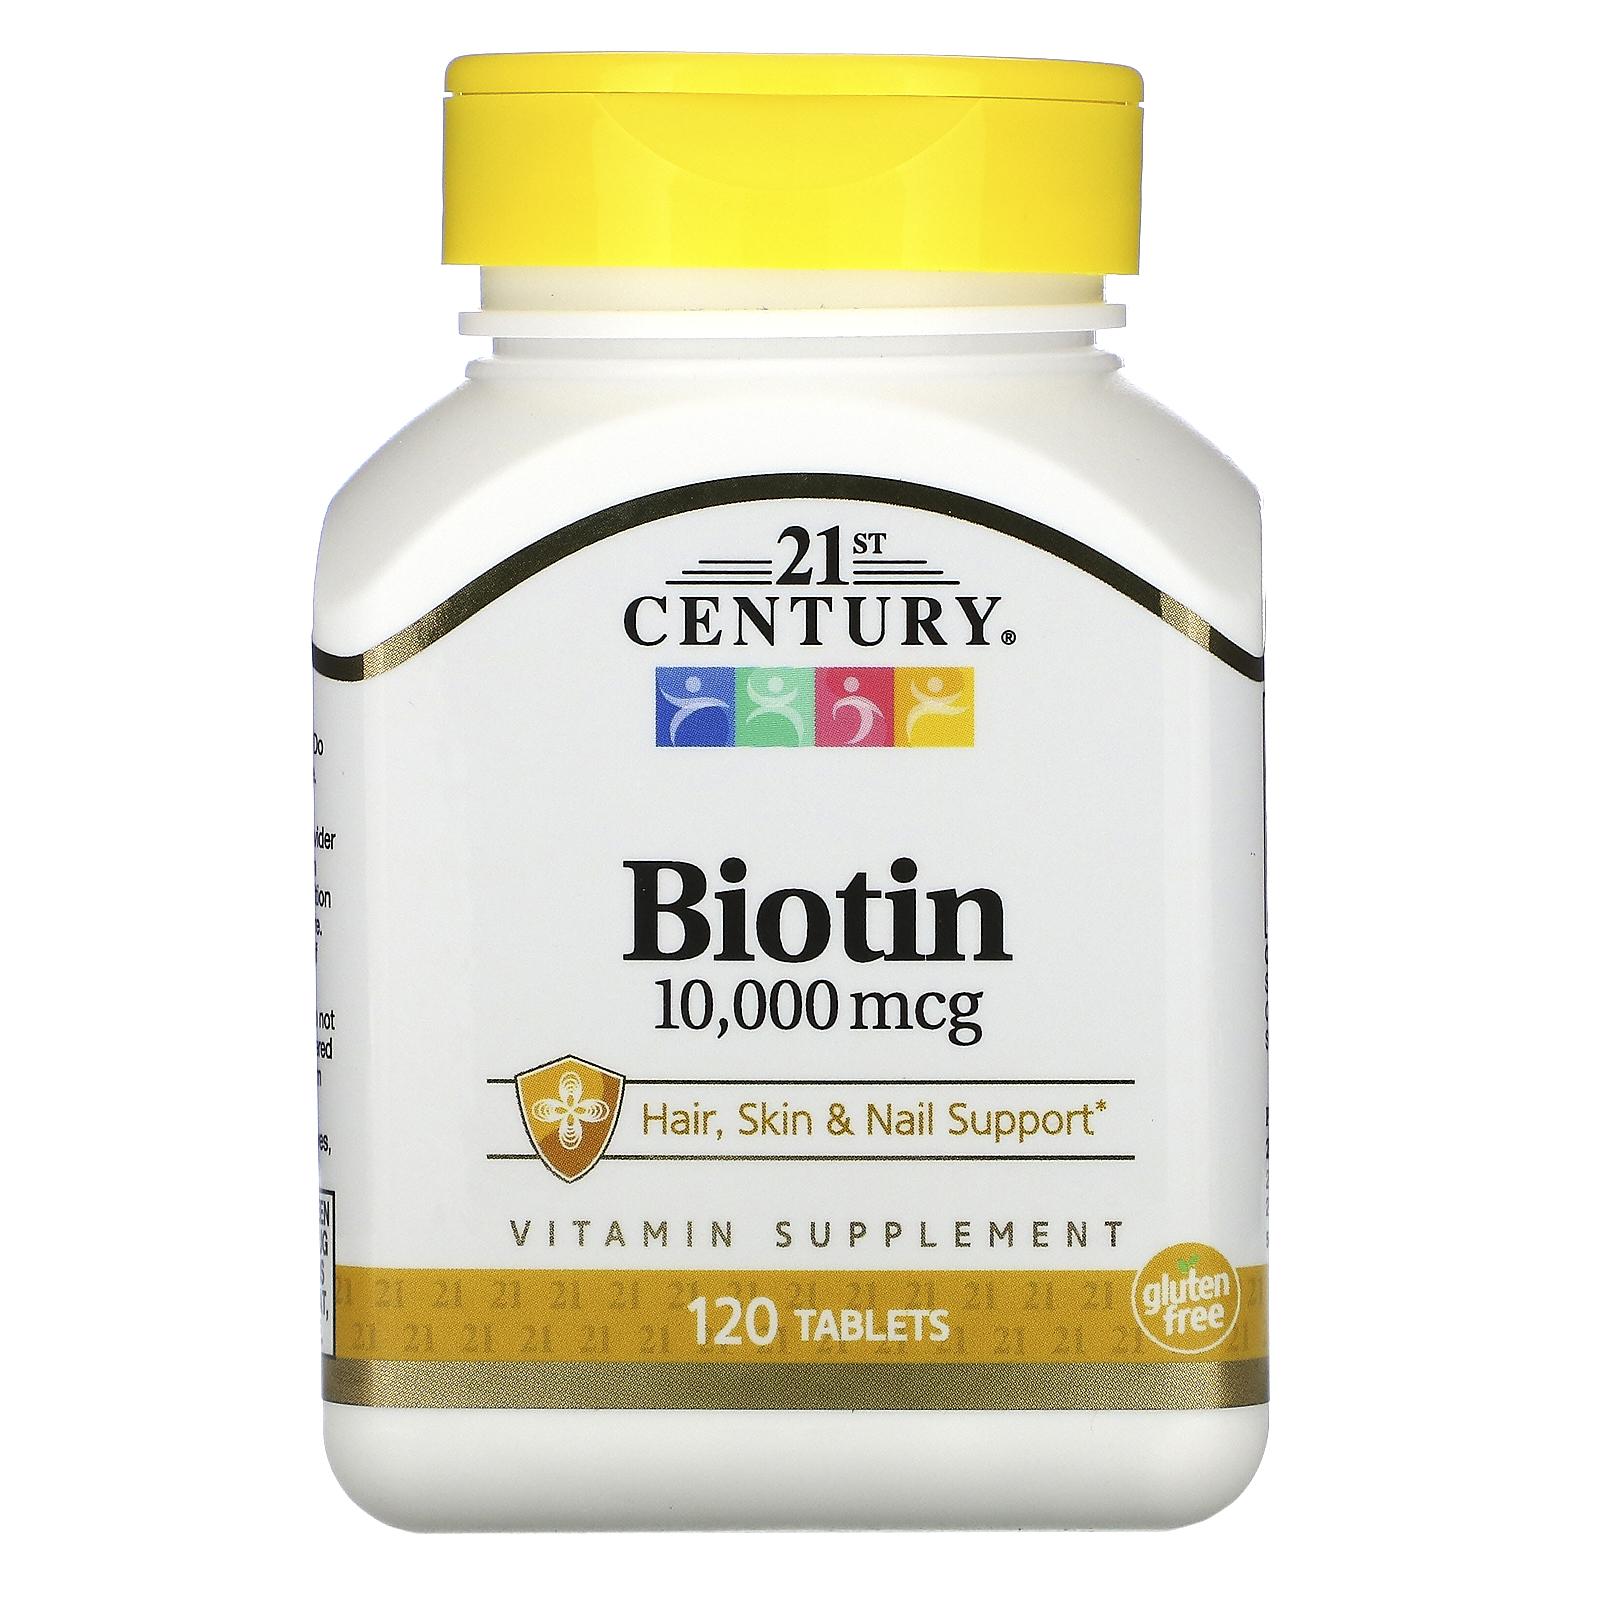 هل حبوب البيوتين تسمن حبوب البيوتين 10000 تجاربكم مع فيتامين بيوتين للشعر سعر حبوب البيوتين للشعر هل حبوب البيوتين تكثر شعر الجسم حبوب البيوتين الأصلية أضرار البيوتين البيوتين والدورة الشهرية